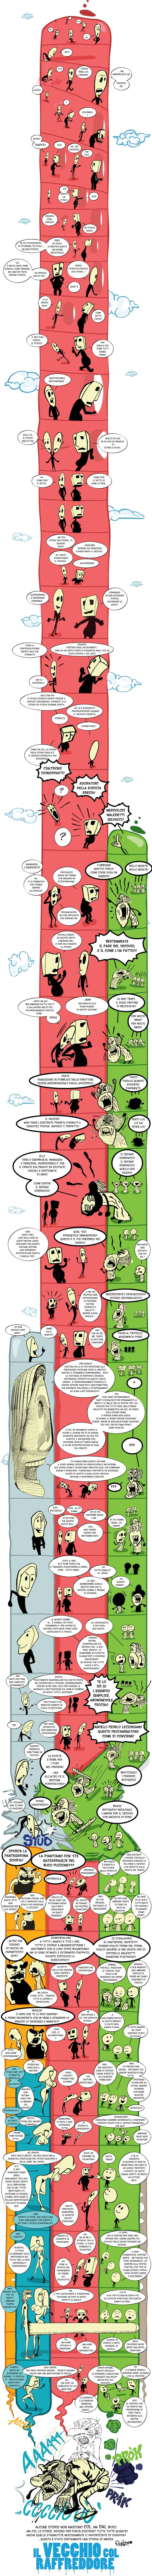 Il Vecchio col Raffreddore - fumetti inutili - Andrea FranZosi, franZroom.net